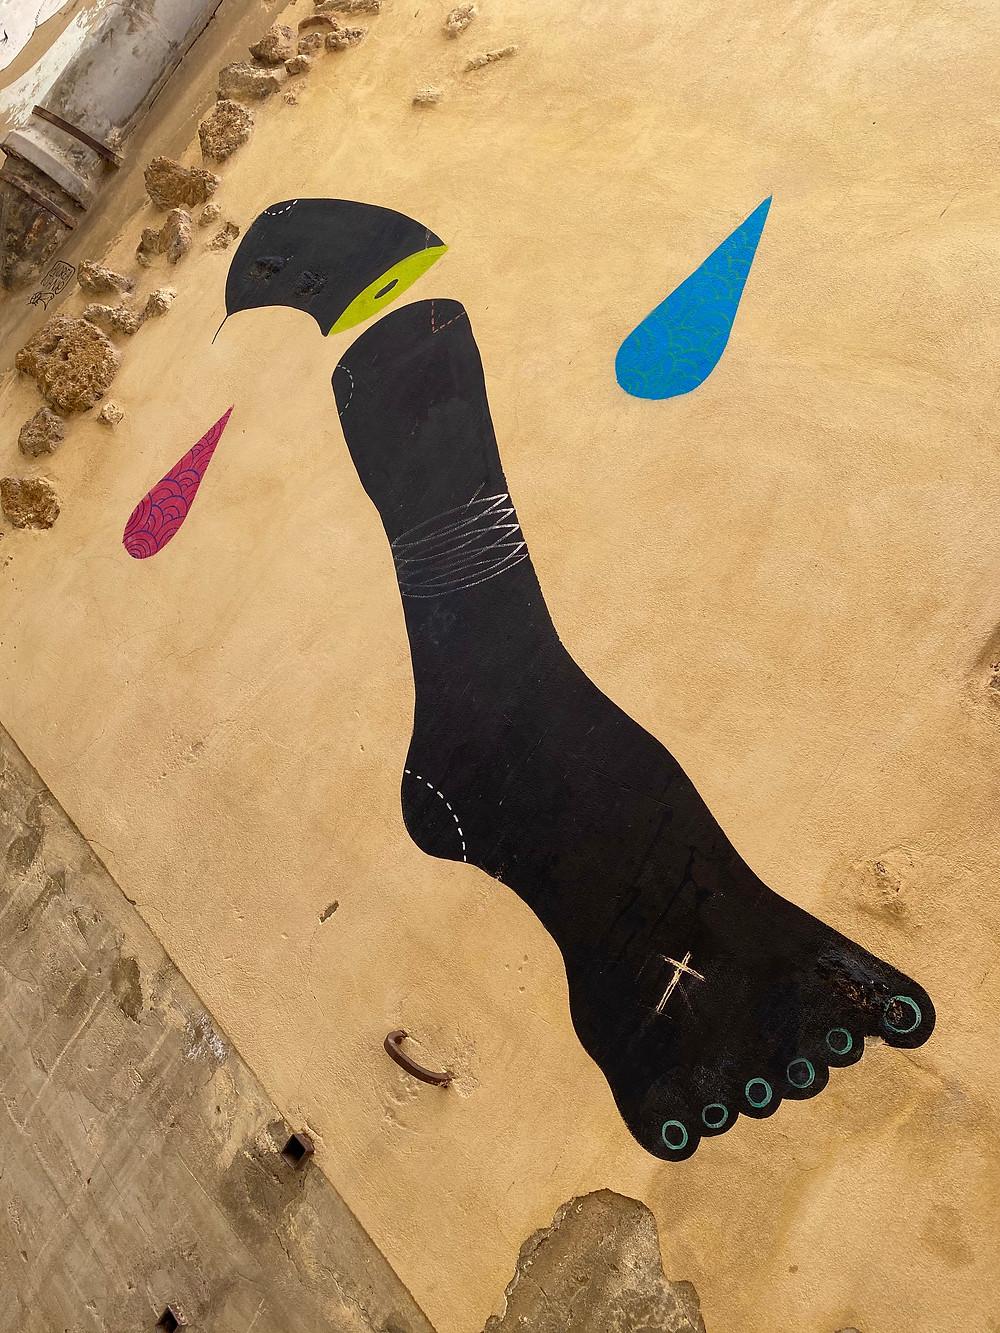 caltagirone-sicily-street-art-12